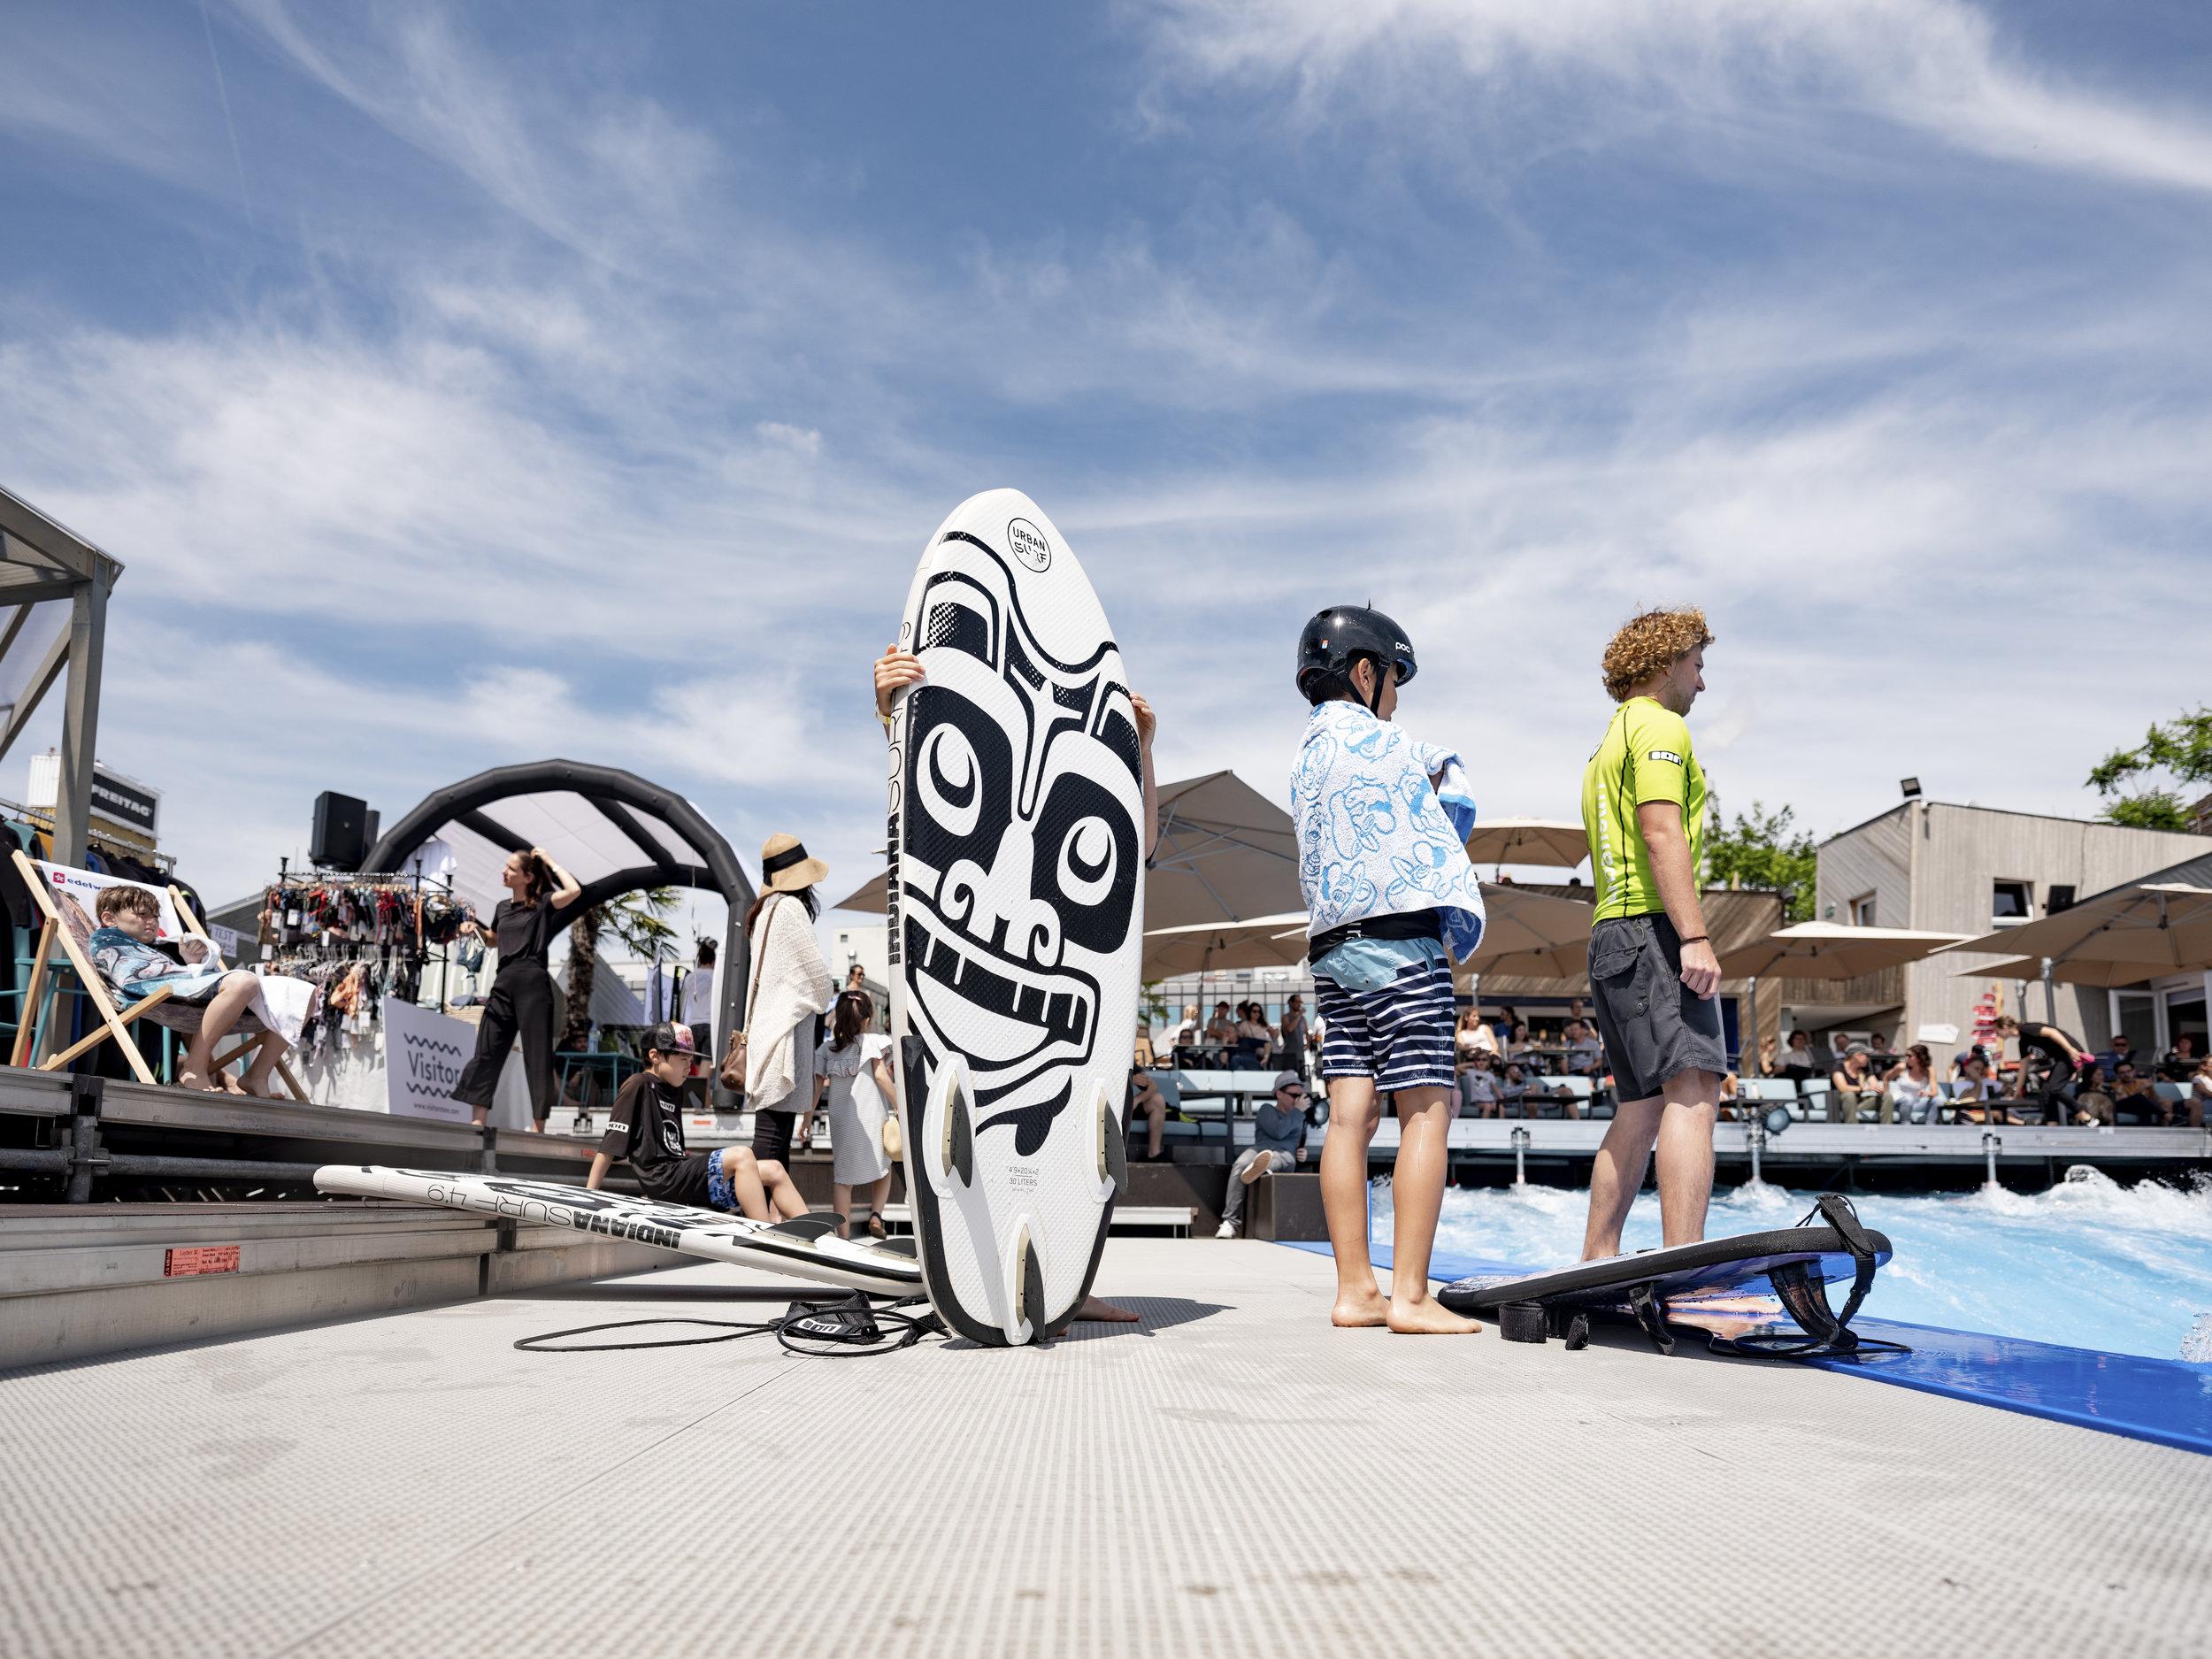 20190616-surf-zurich-geroldsgarten-0031.jpg